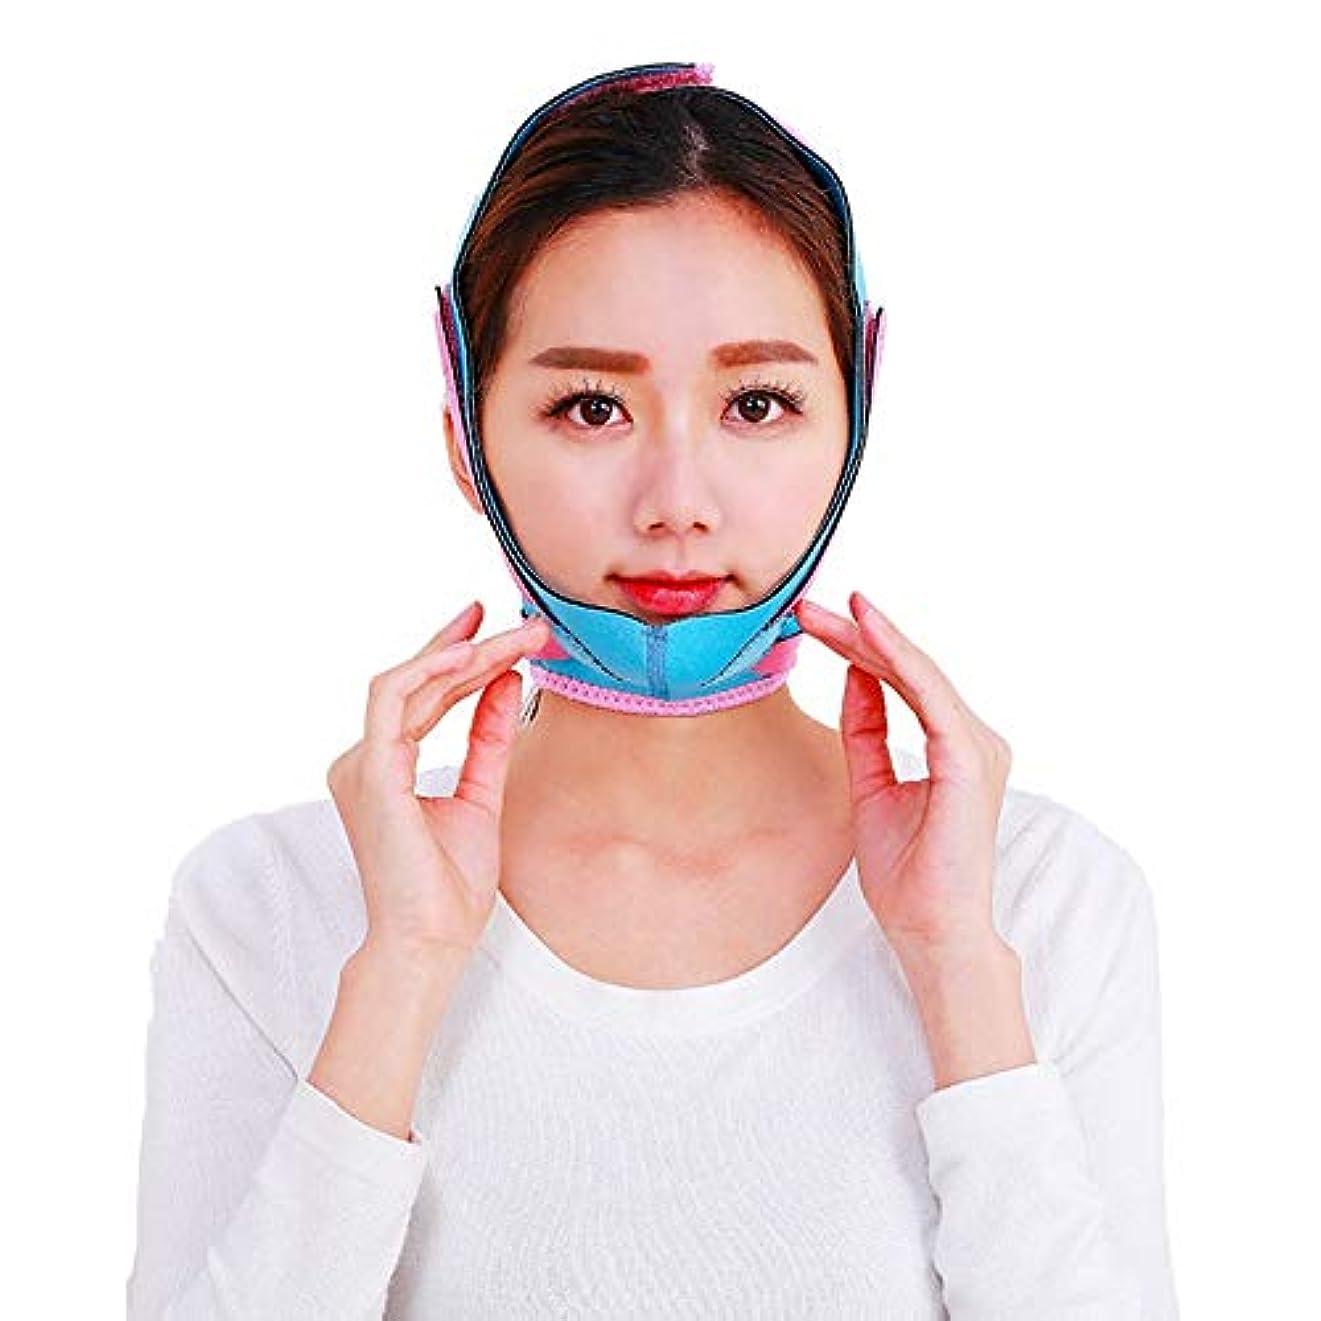 寄託説明的リーフレット薄い顔のベルト - 薄い顔のベルト 顔の包帯前面のリフティングマスクVの顔薄い面の小さな持ち上げツール 美しさ